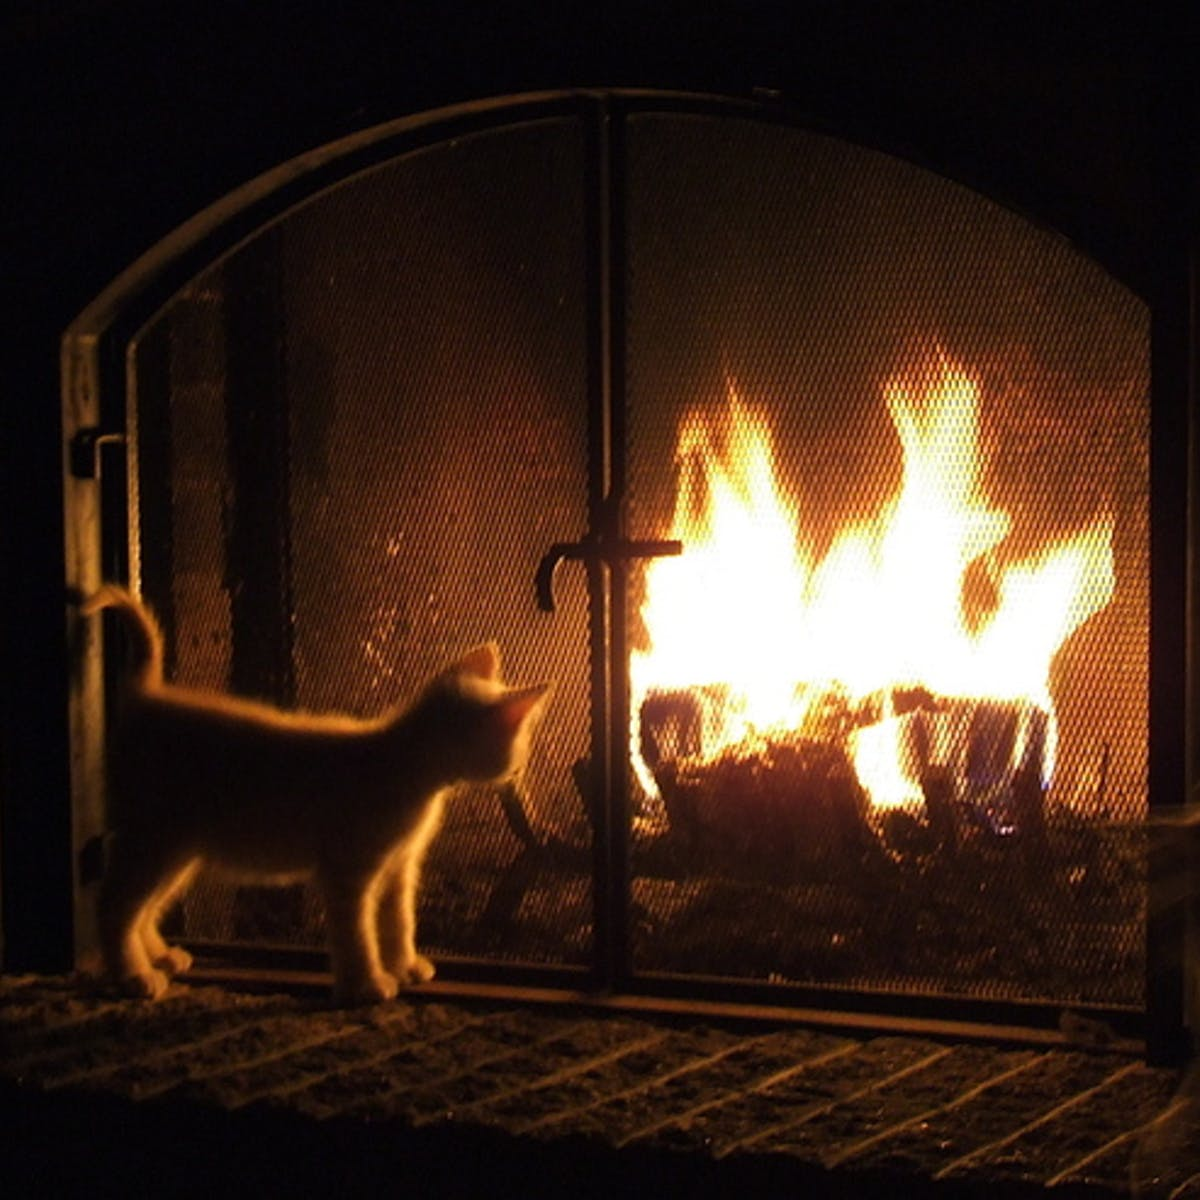 Comment Gagner De La Chaleur Dans Une Maison cinq astuces pour garder votre maison au chaud cet hiver